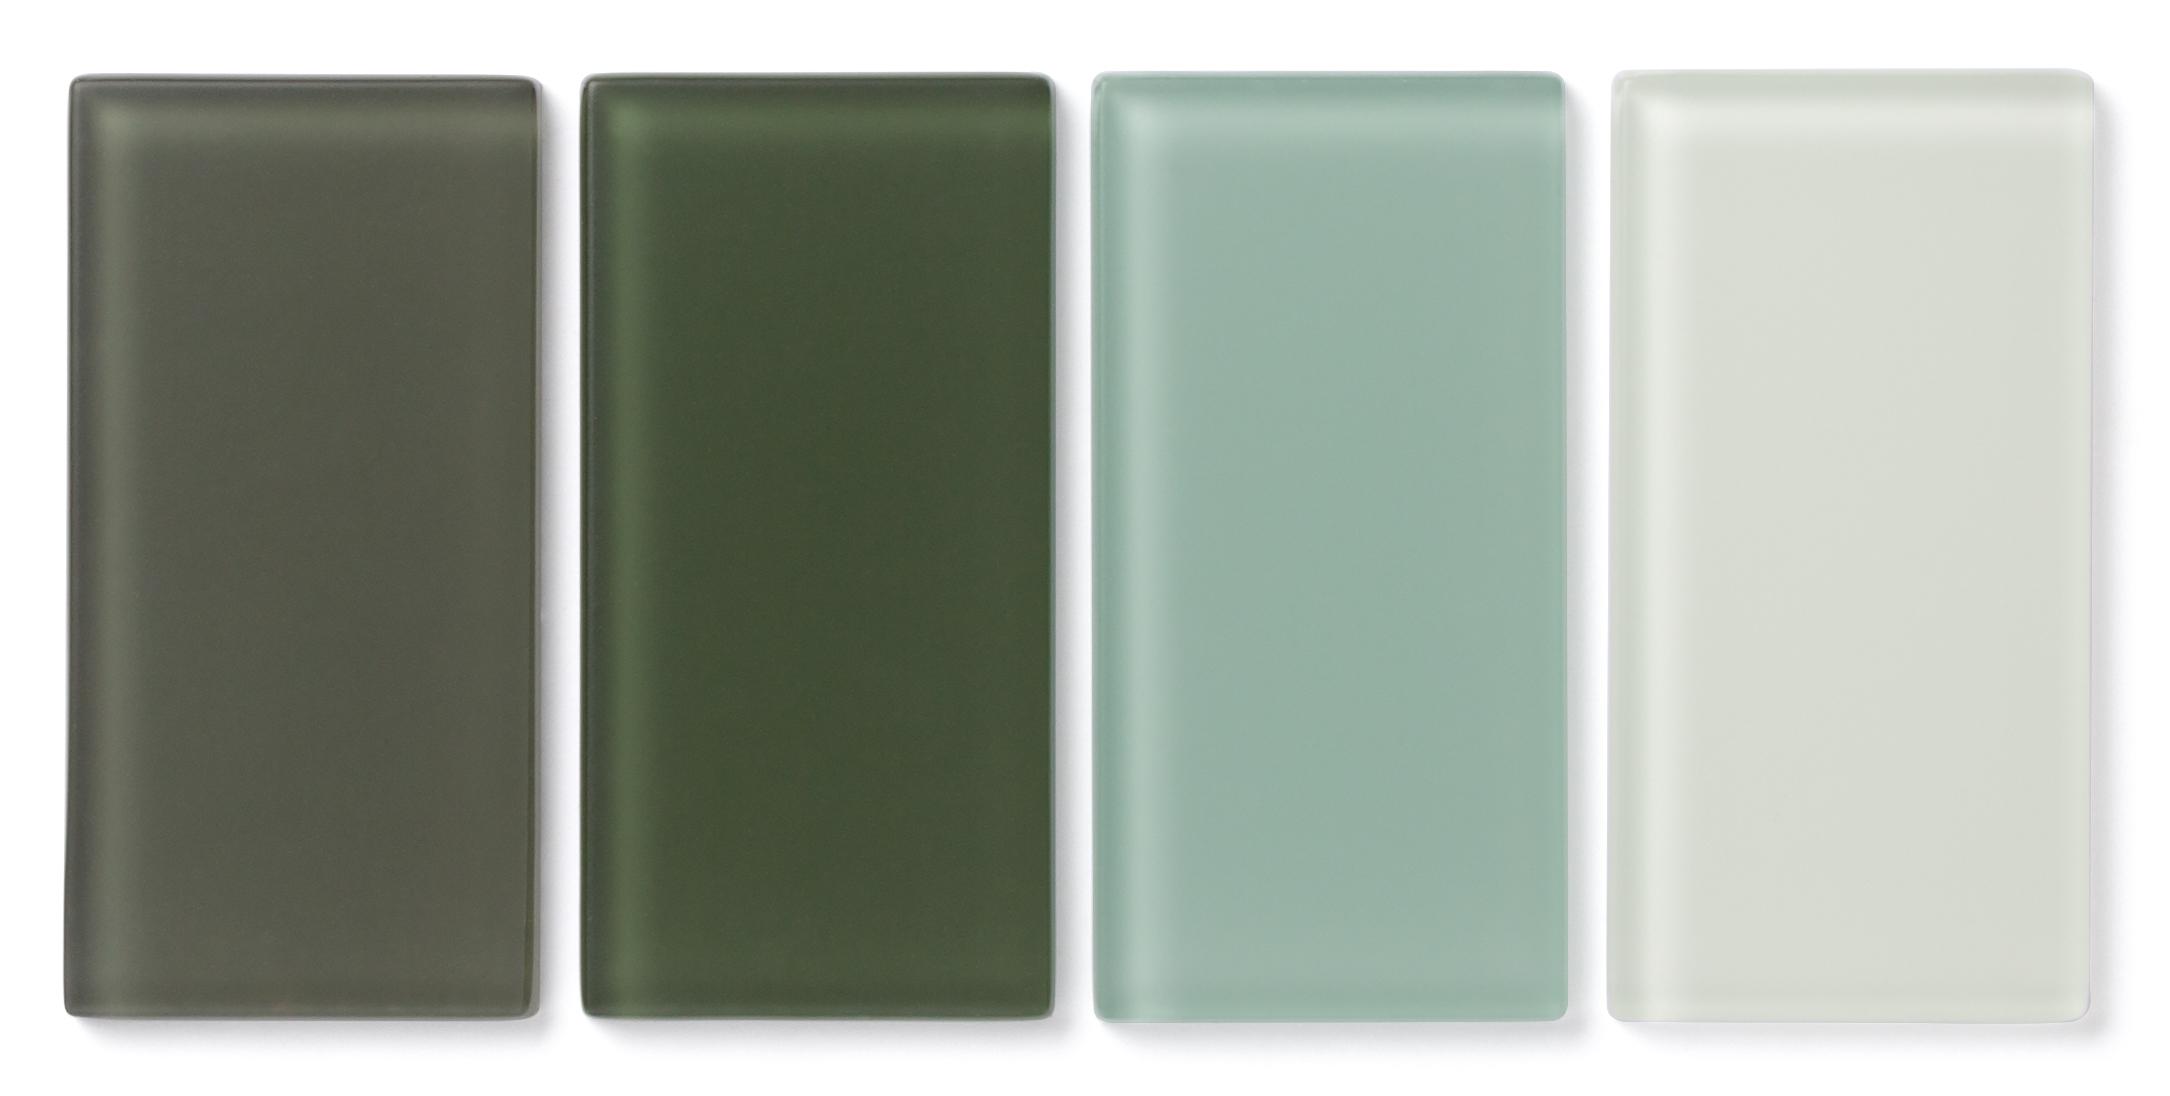 Fireclay Tile Matte Glass Greens